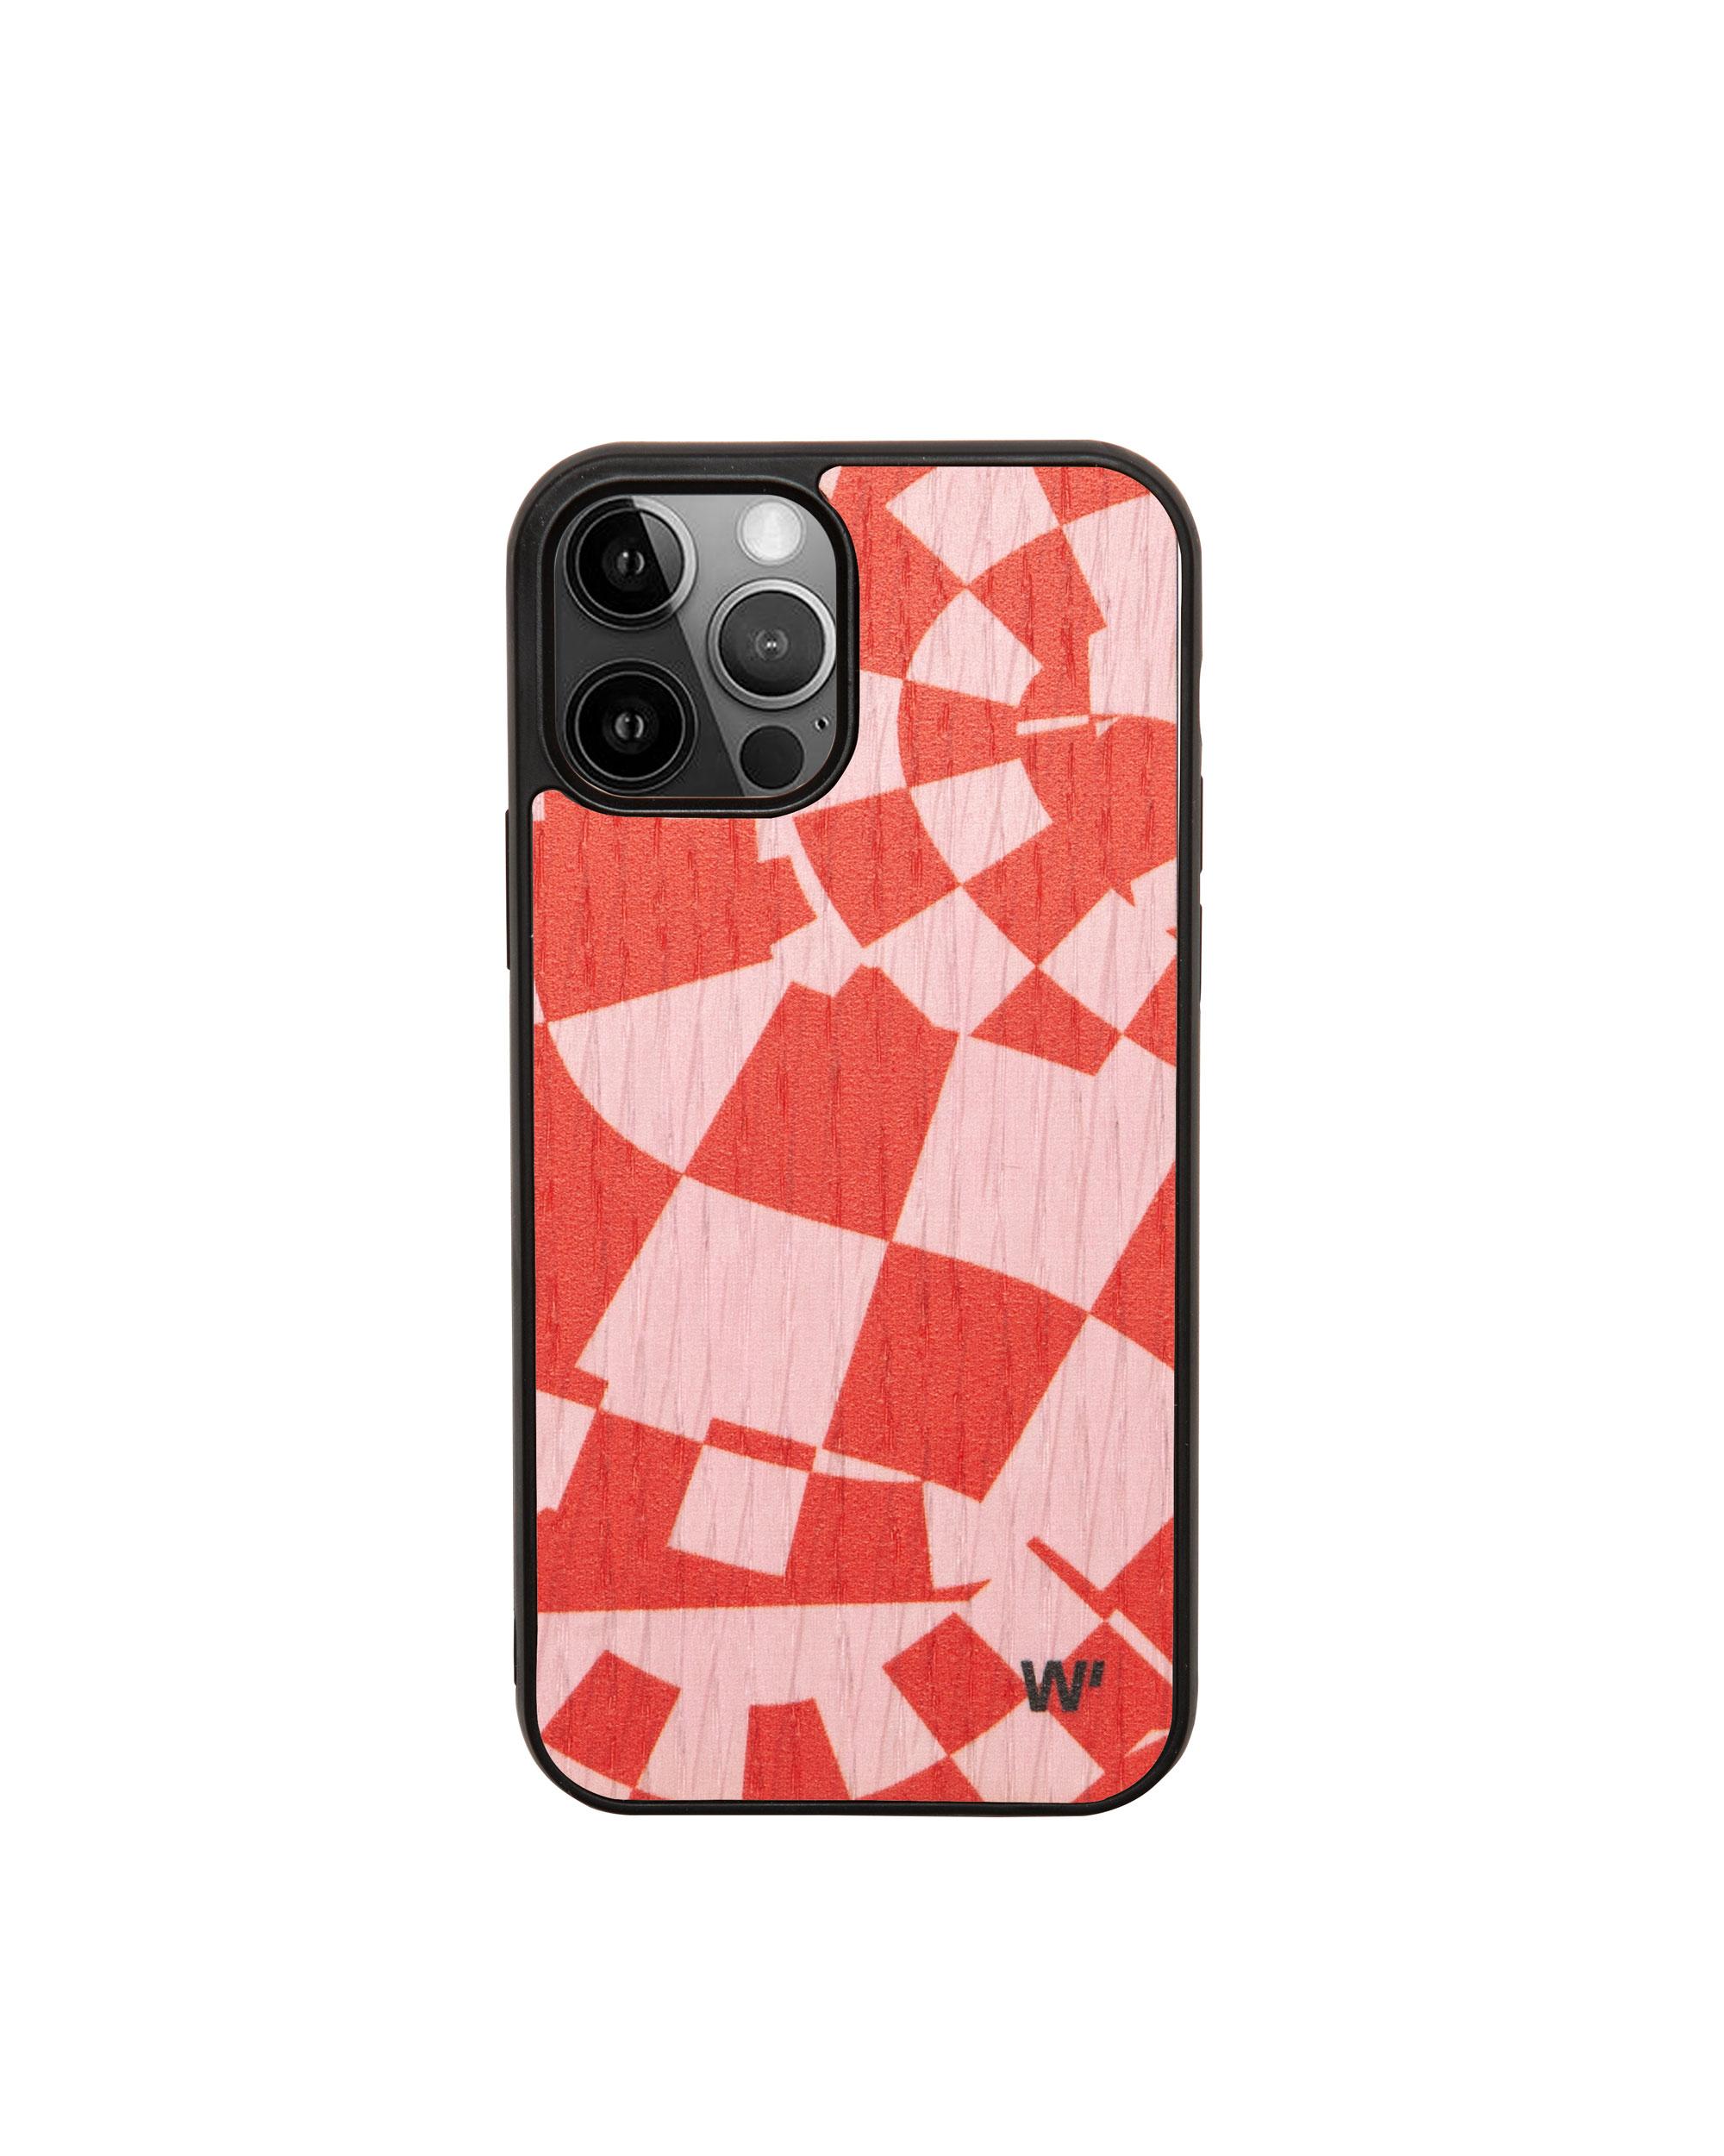 FLUID CHESS - Coque en bois pour iPhone 7/8/SE